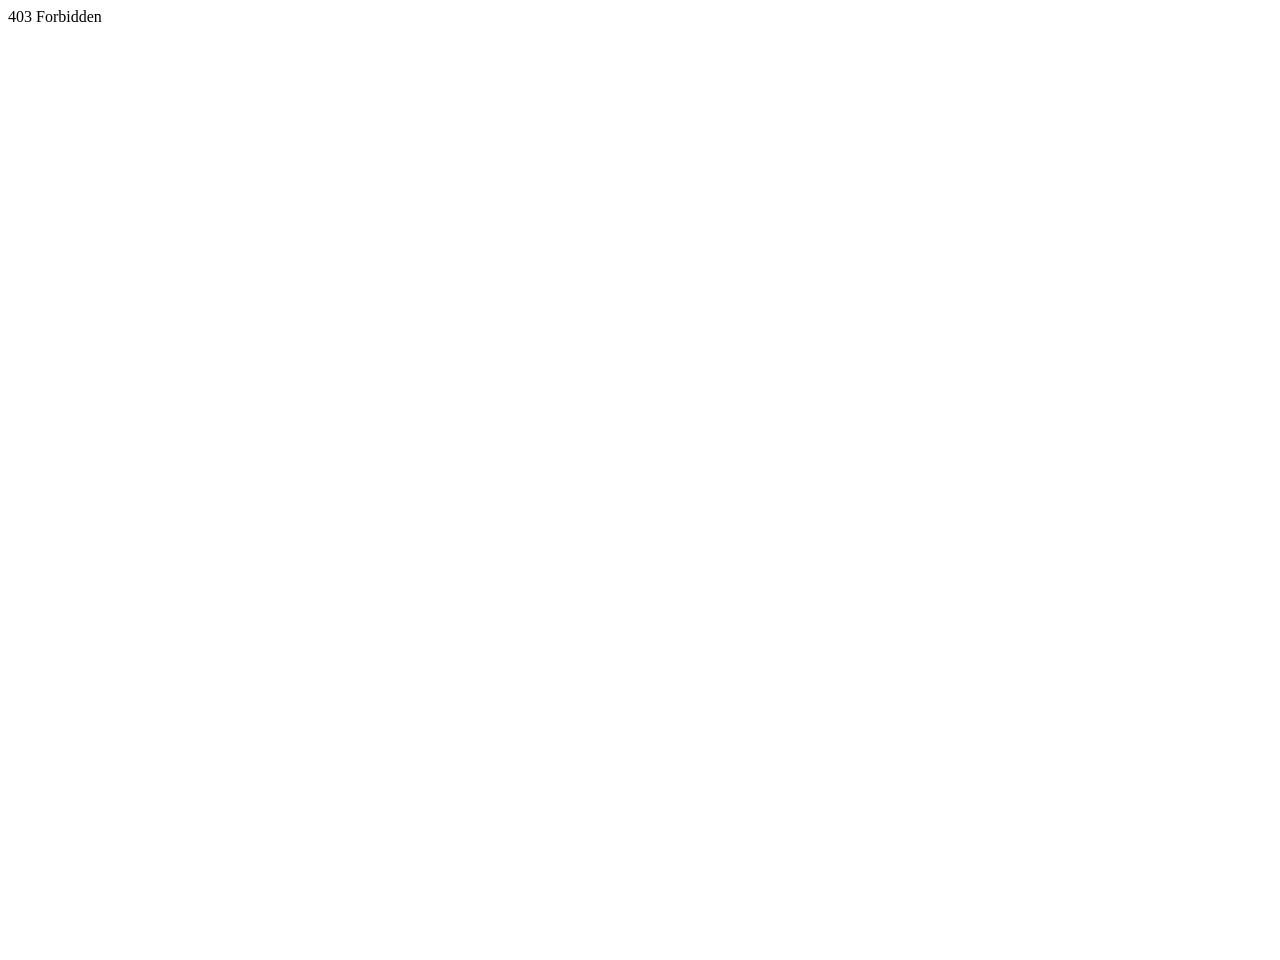 吉田ピアノ教室(玉川教室・諸江教室)のサムネイル